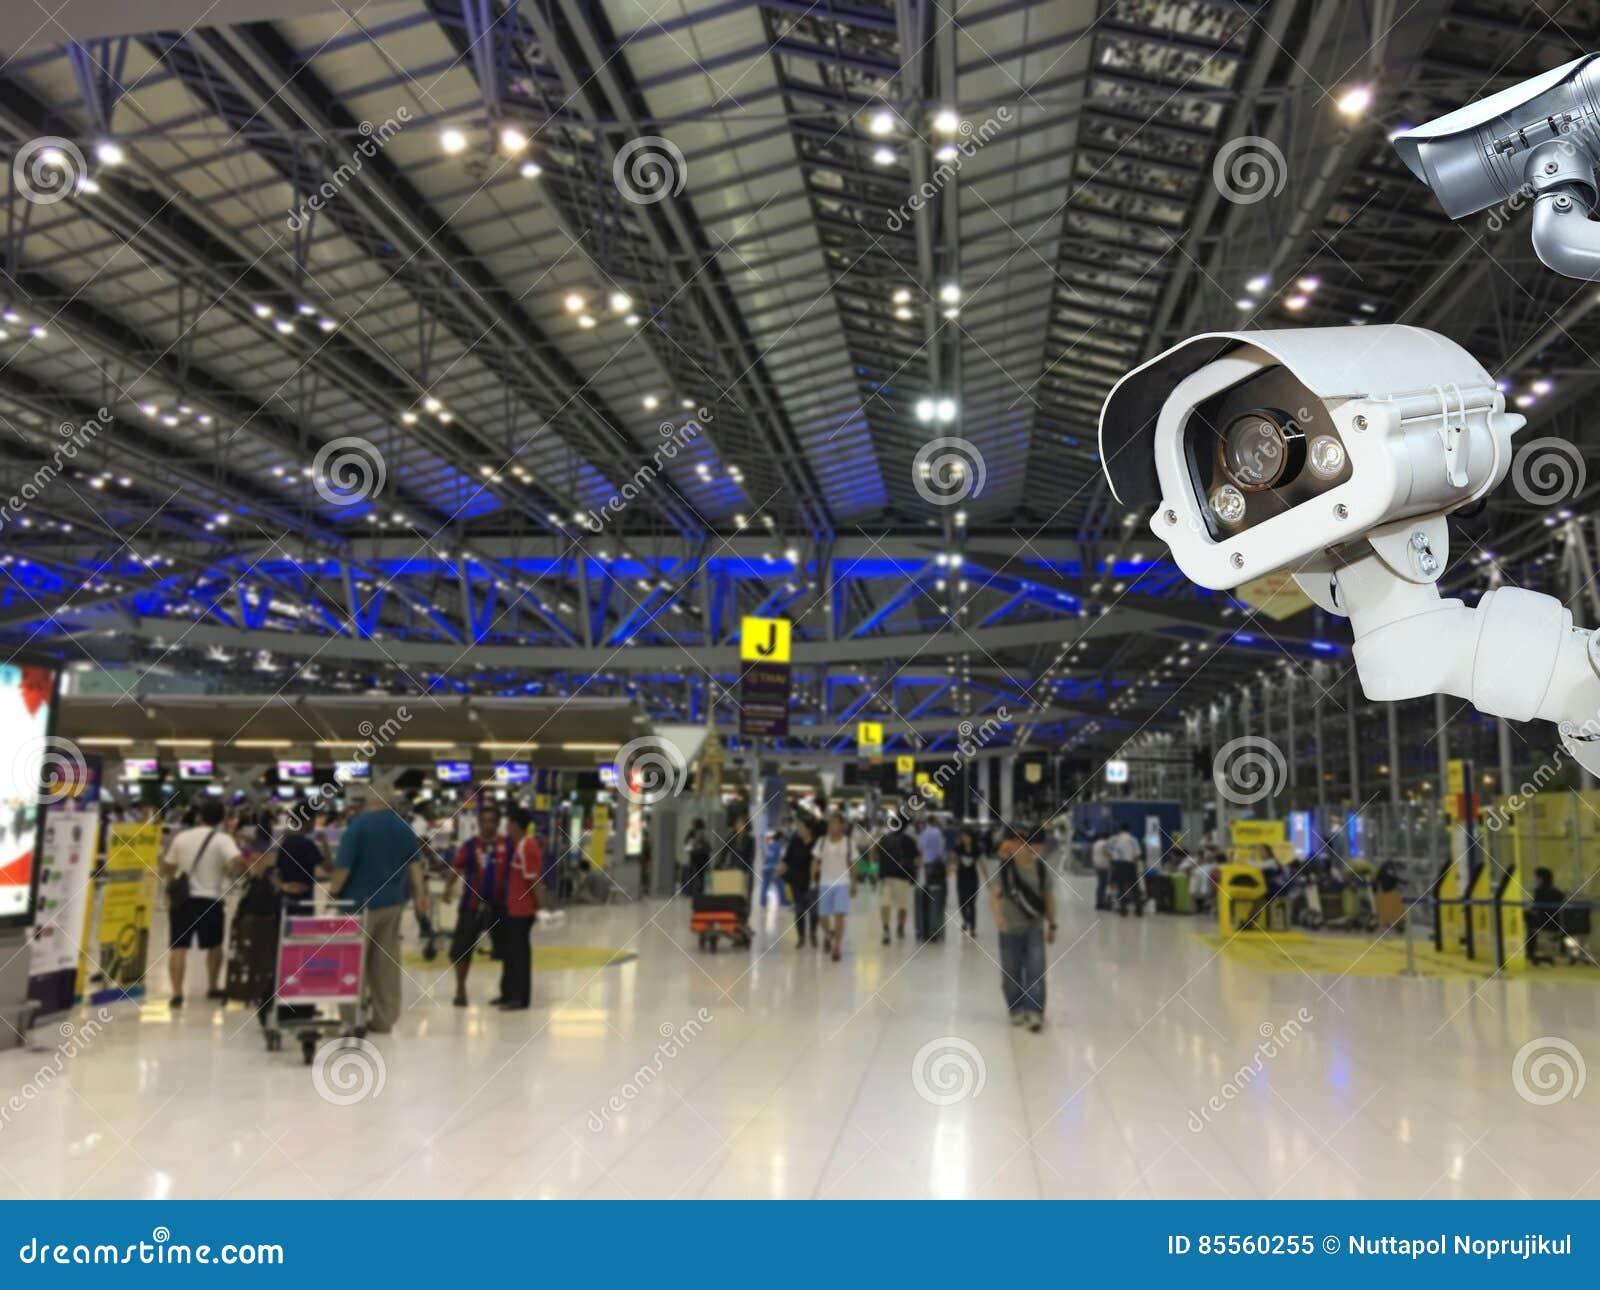 Überwachungskamera oder Überwachung, die im Lufthafen funktionieren